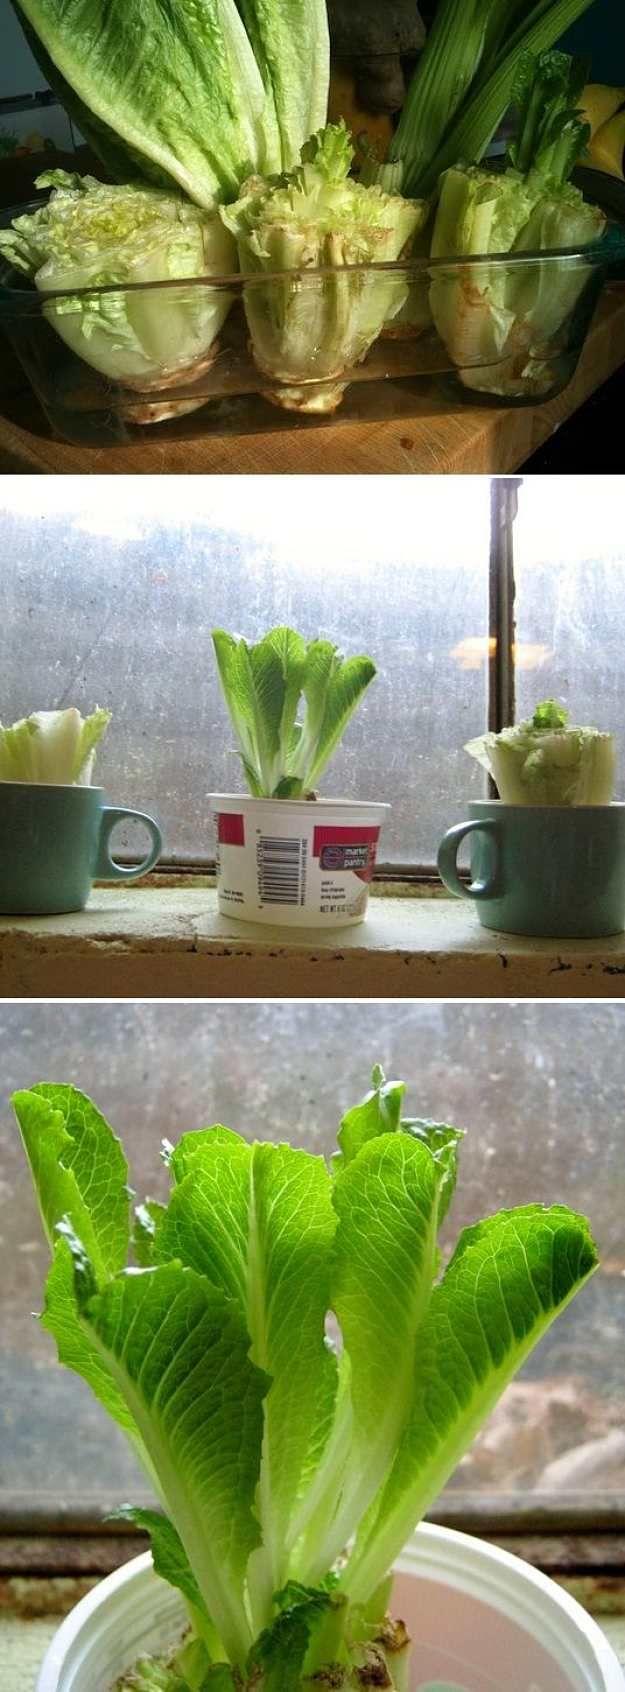 Growing lettuce in a pot - Growing Lettuce Indoors From Scrap Growing Lettuce Indoors In 3 Ways For A Fresh Winter